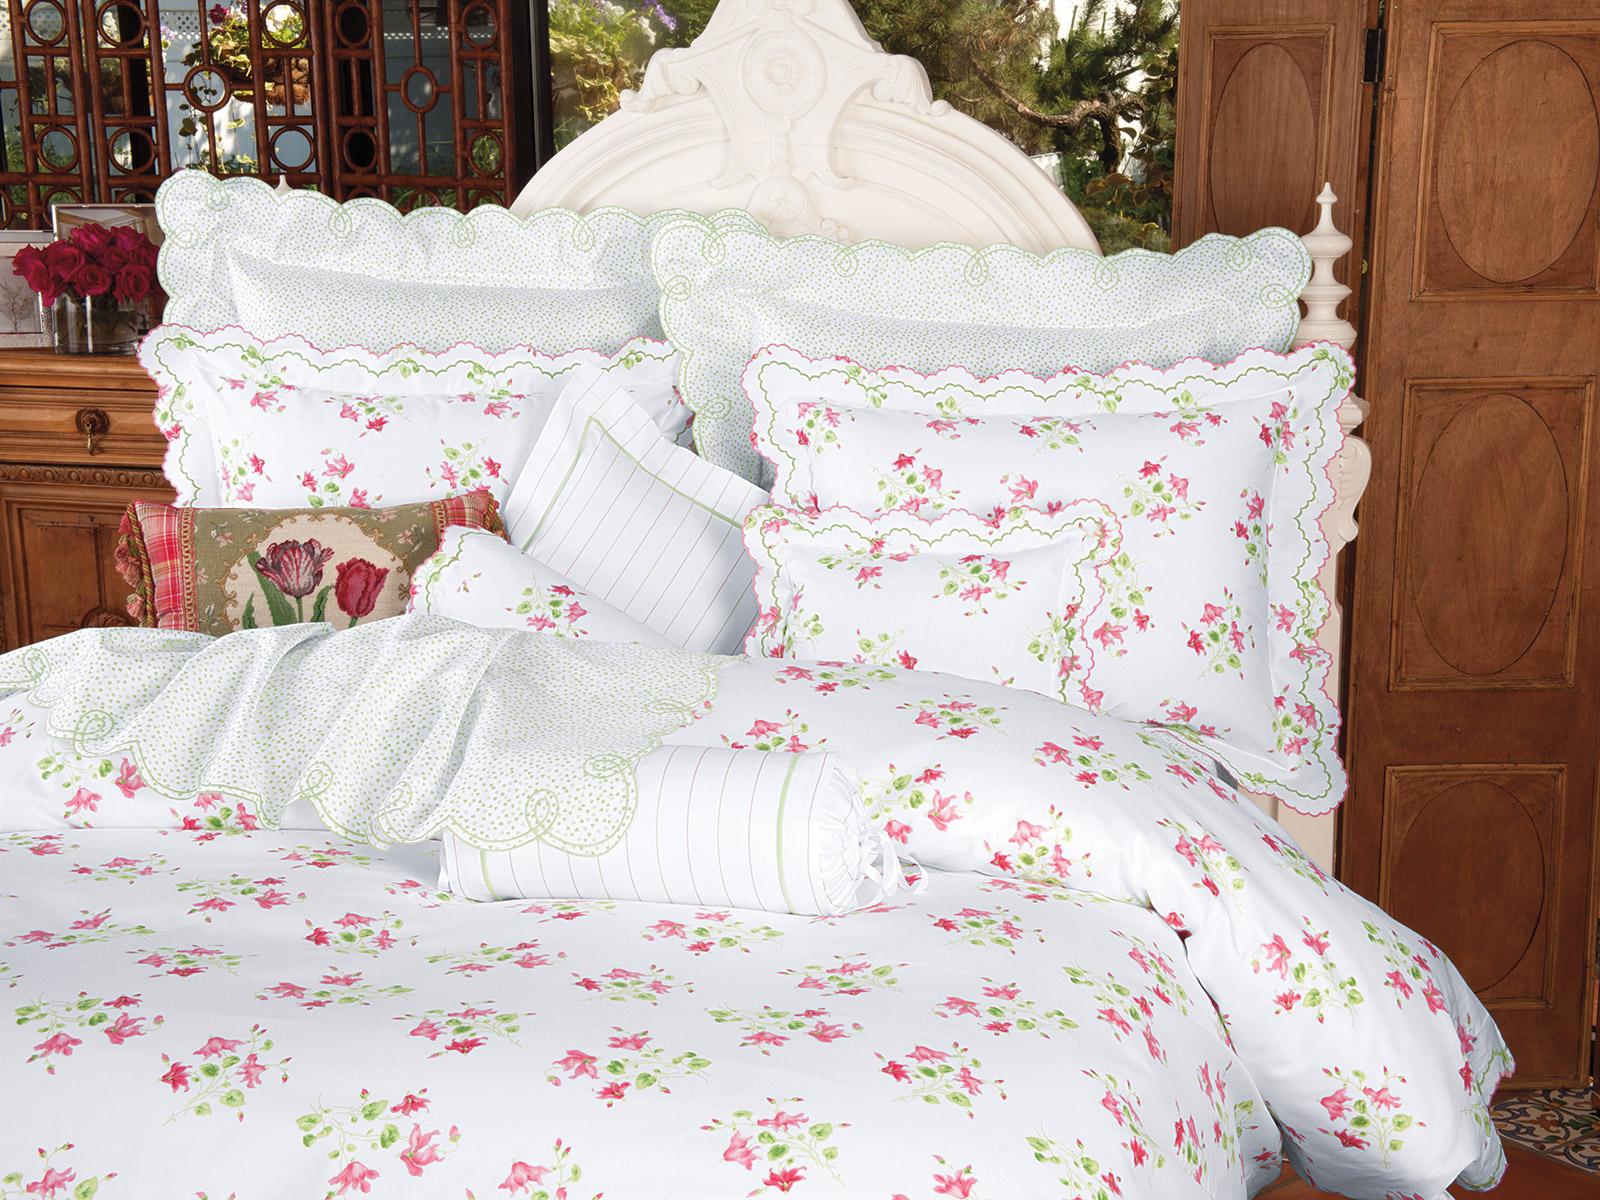 Exotica Luxury Bedding Italian Bed Linens Schweitzer Linen